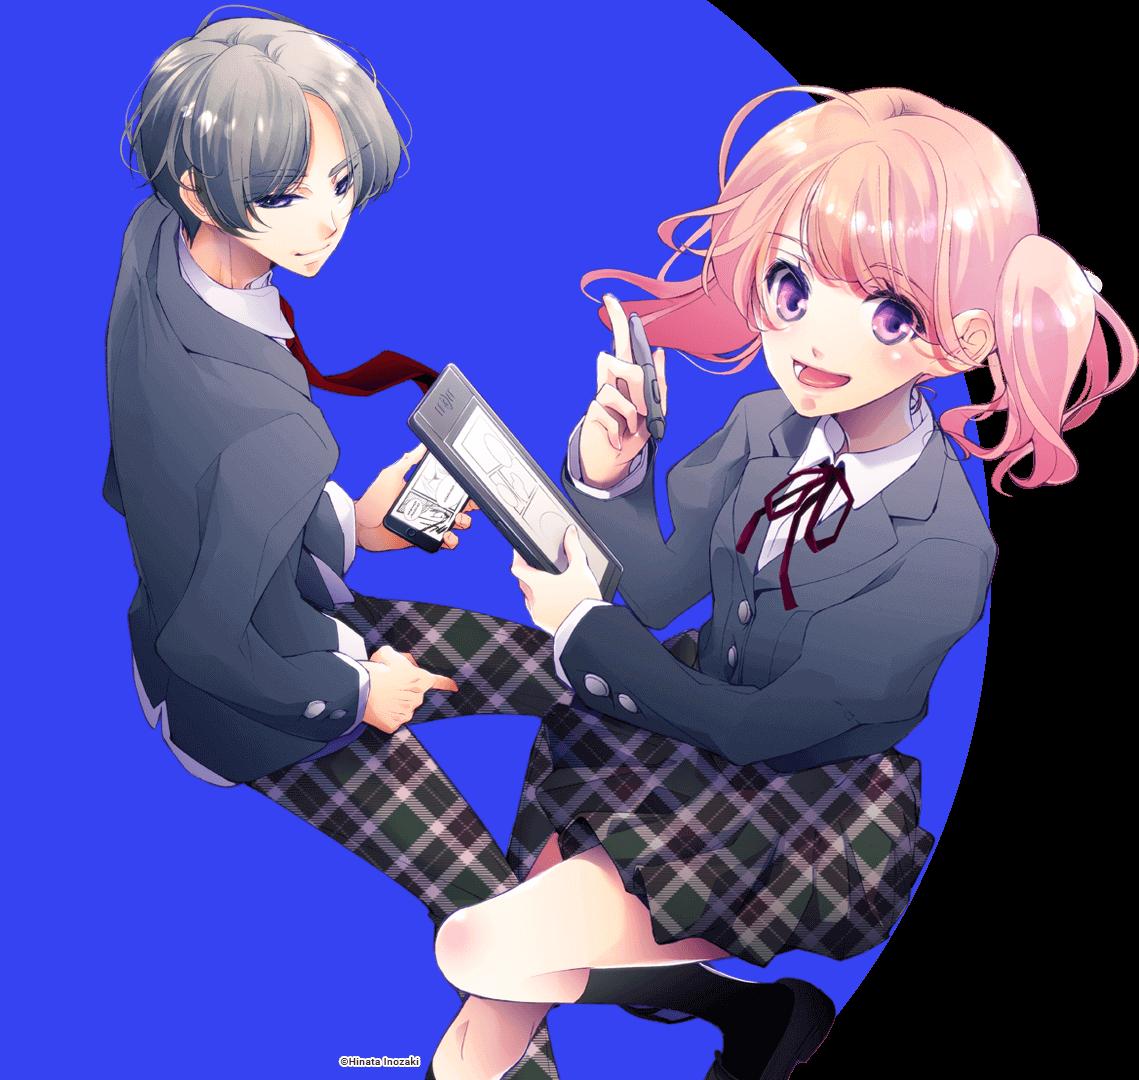 by Hinata Inozaki